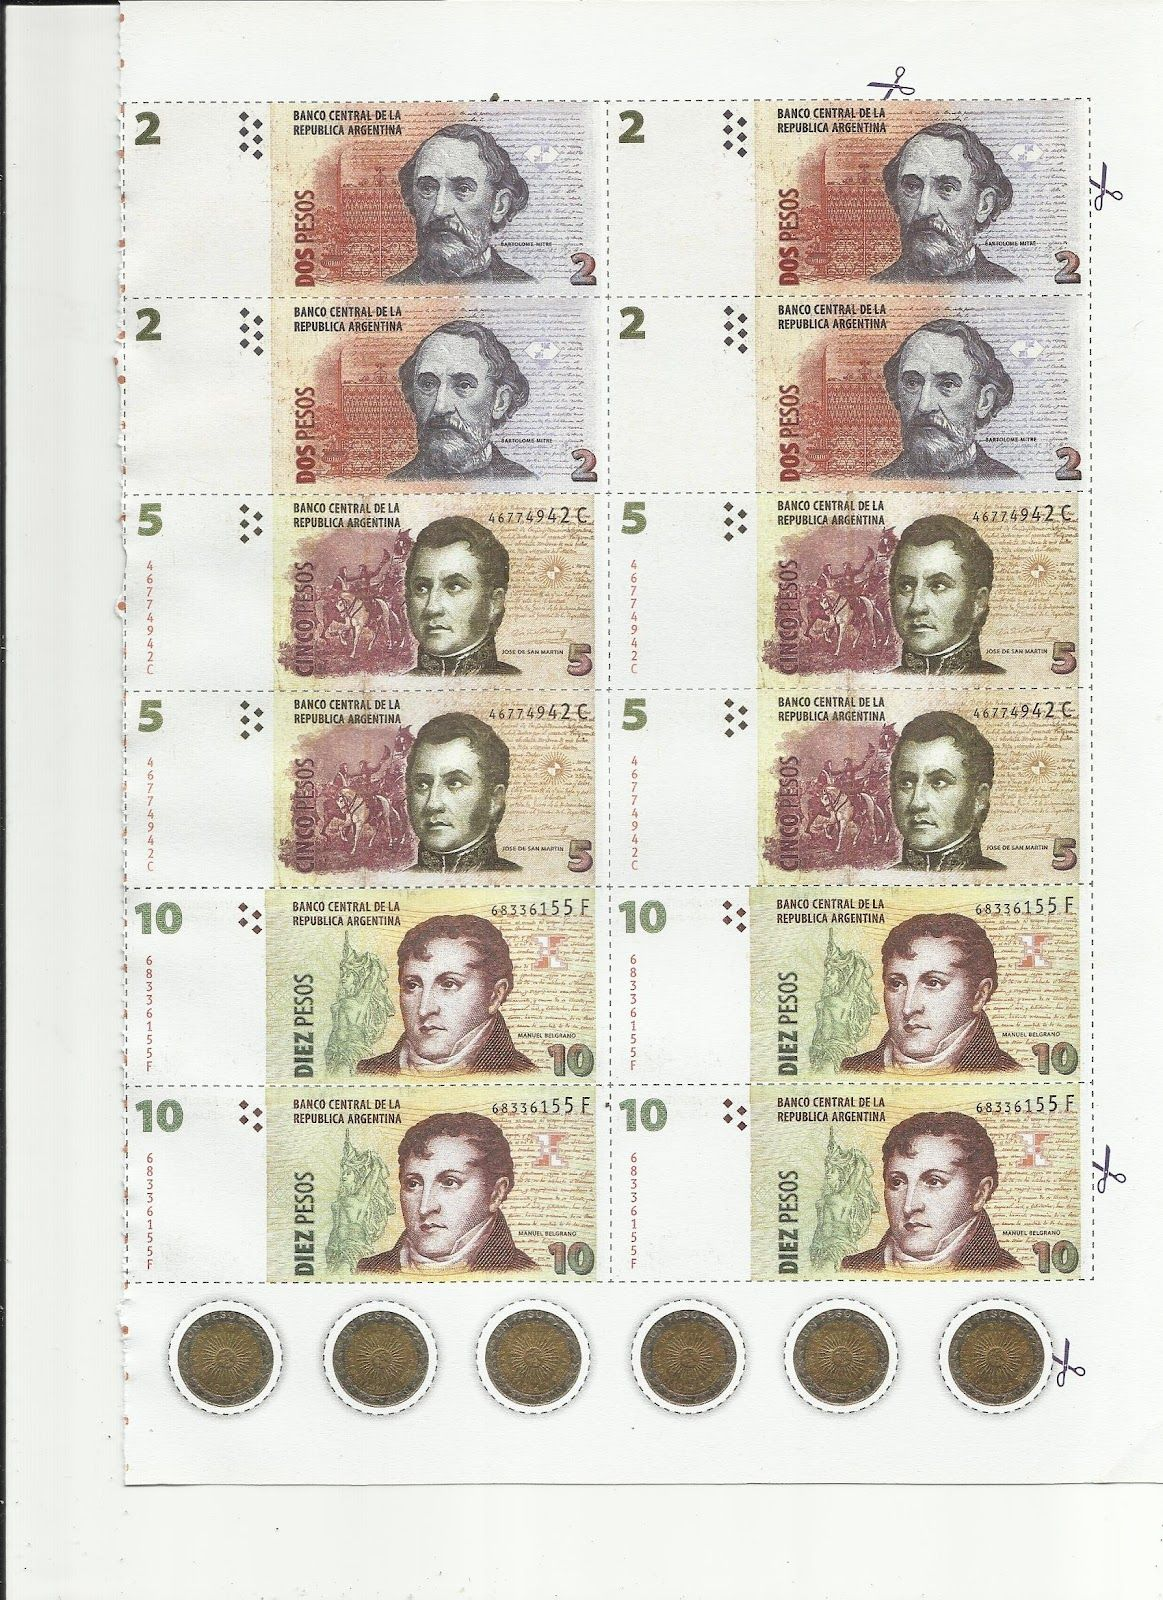 Better Juegos pesos argentinos a mexicanos-170421